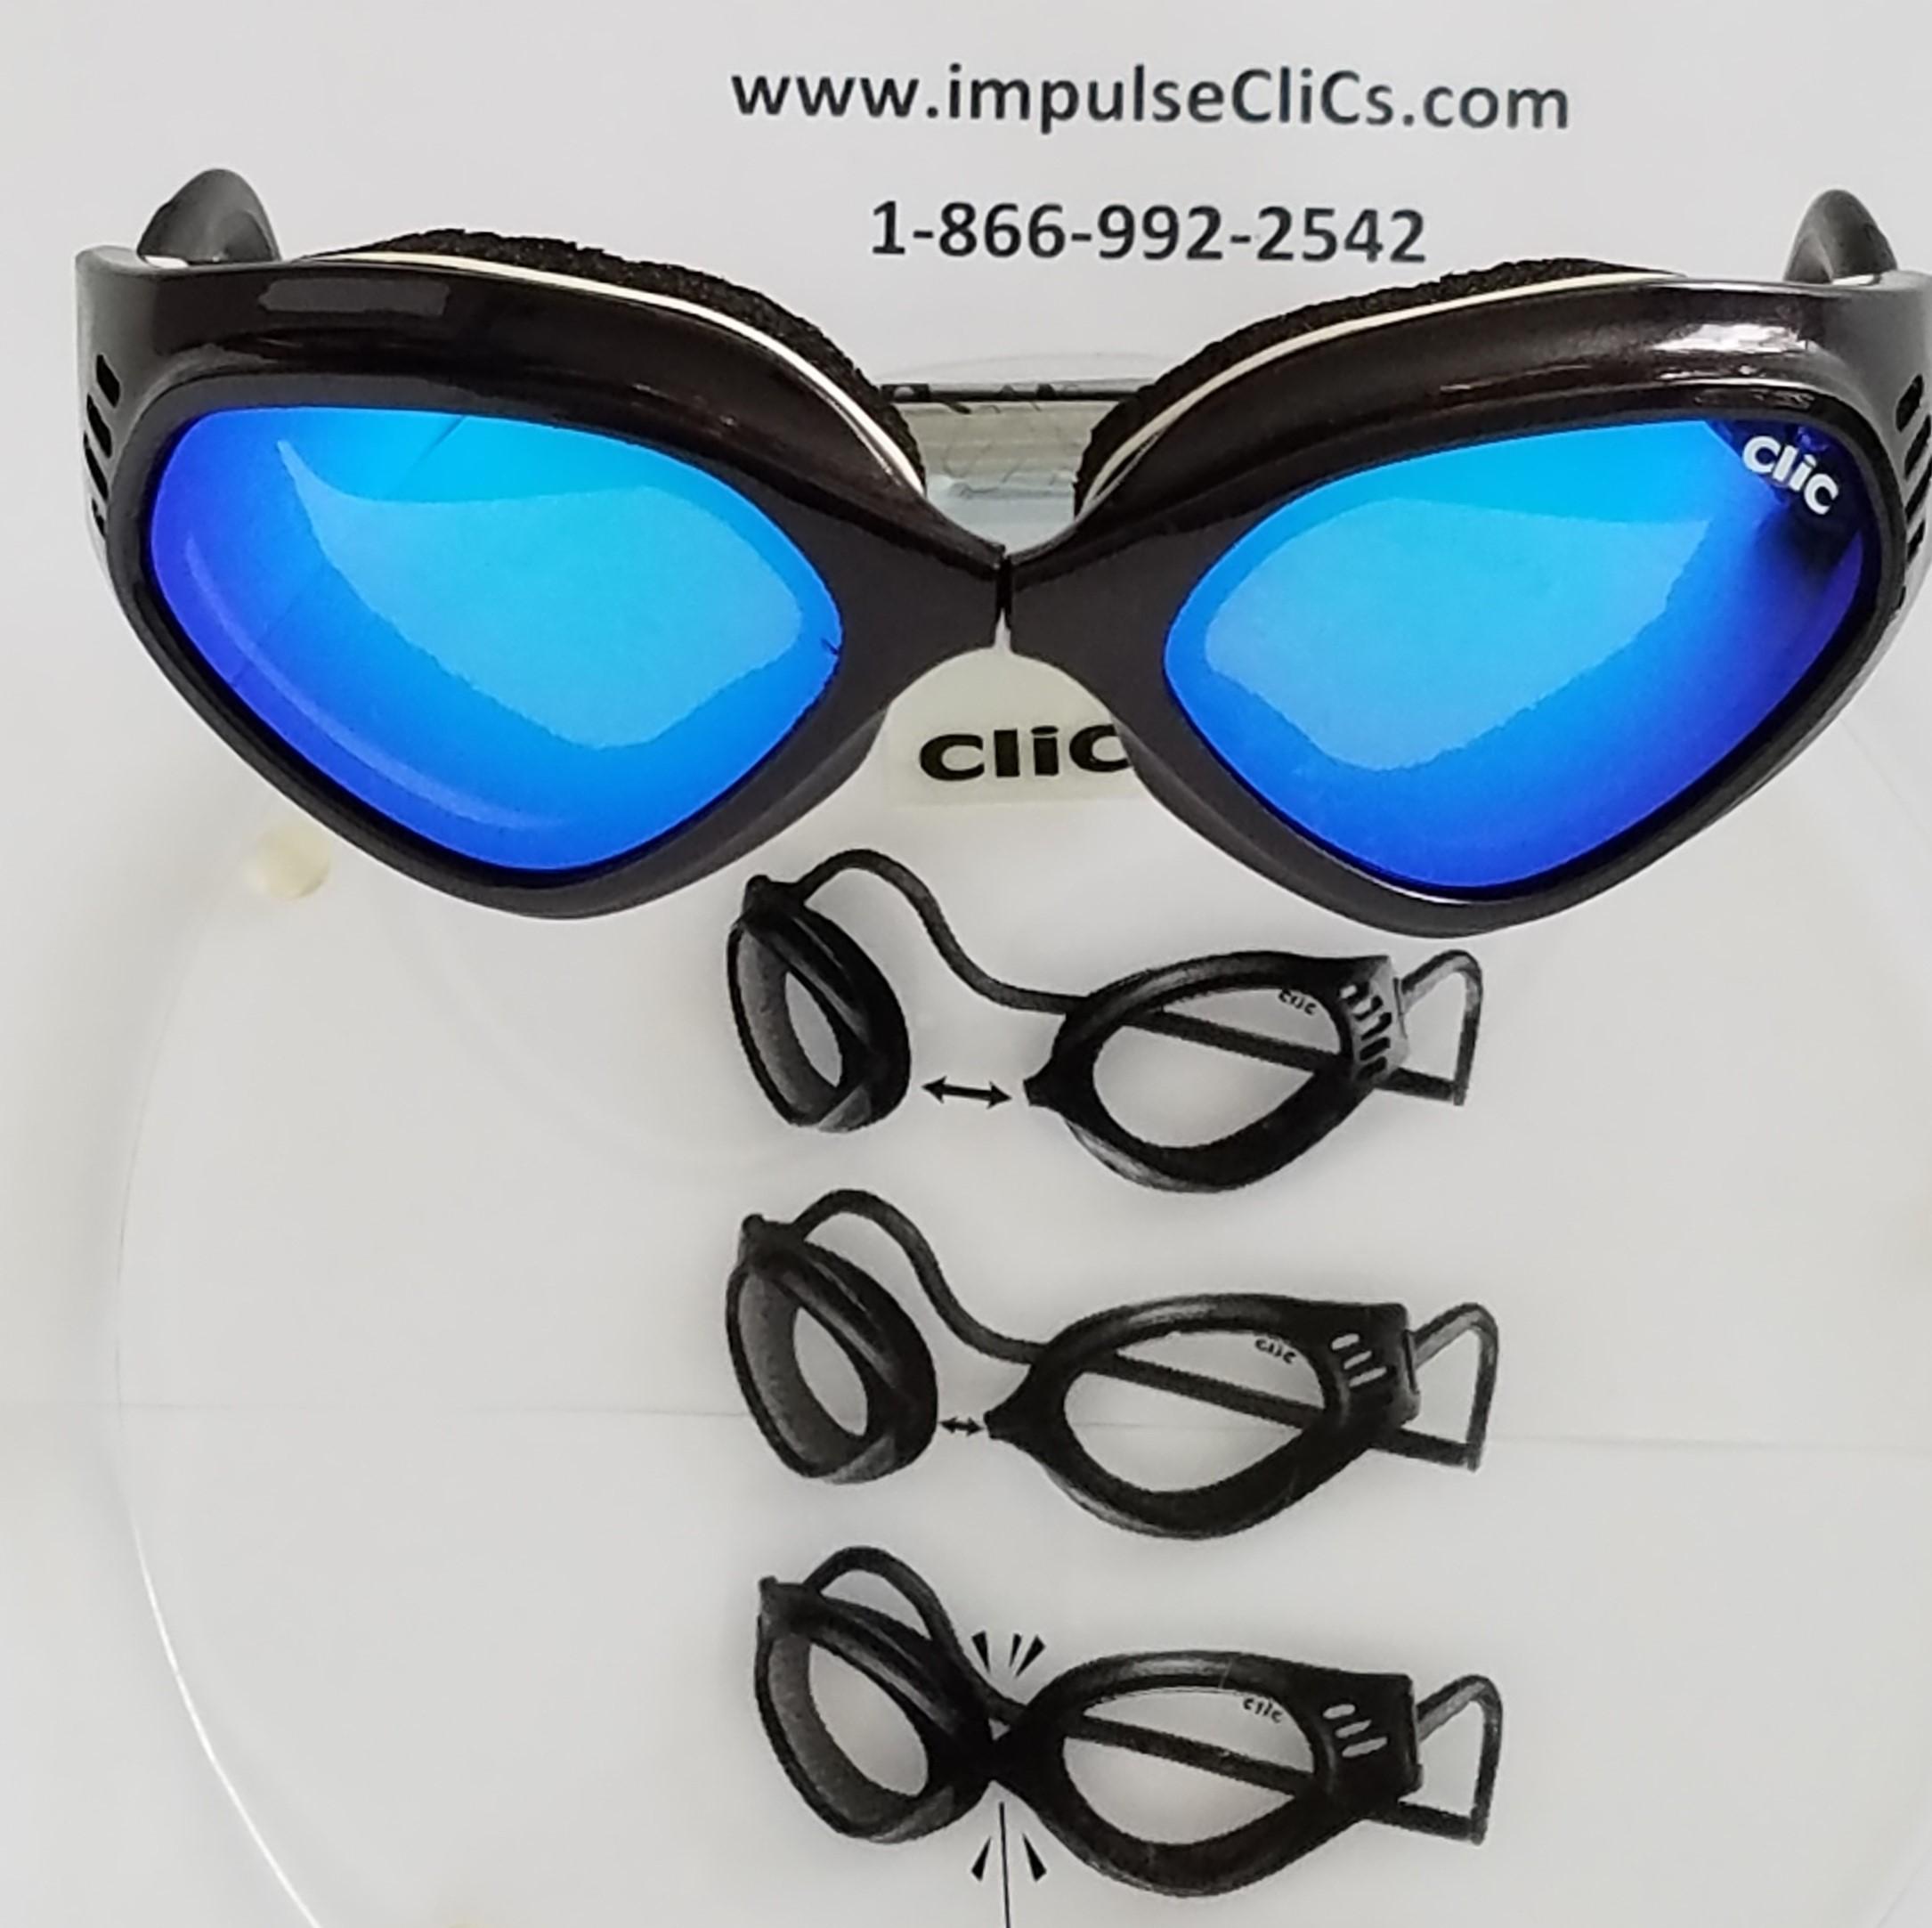 Clic Goggles